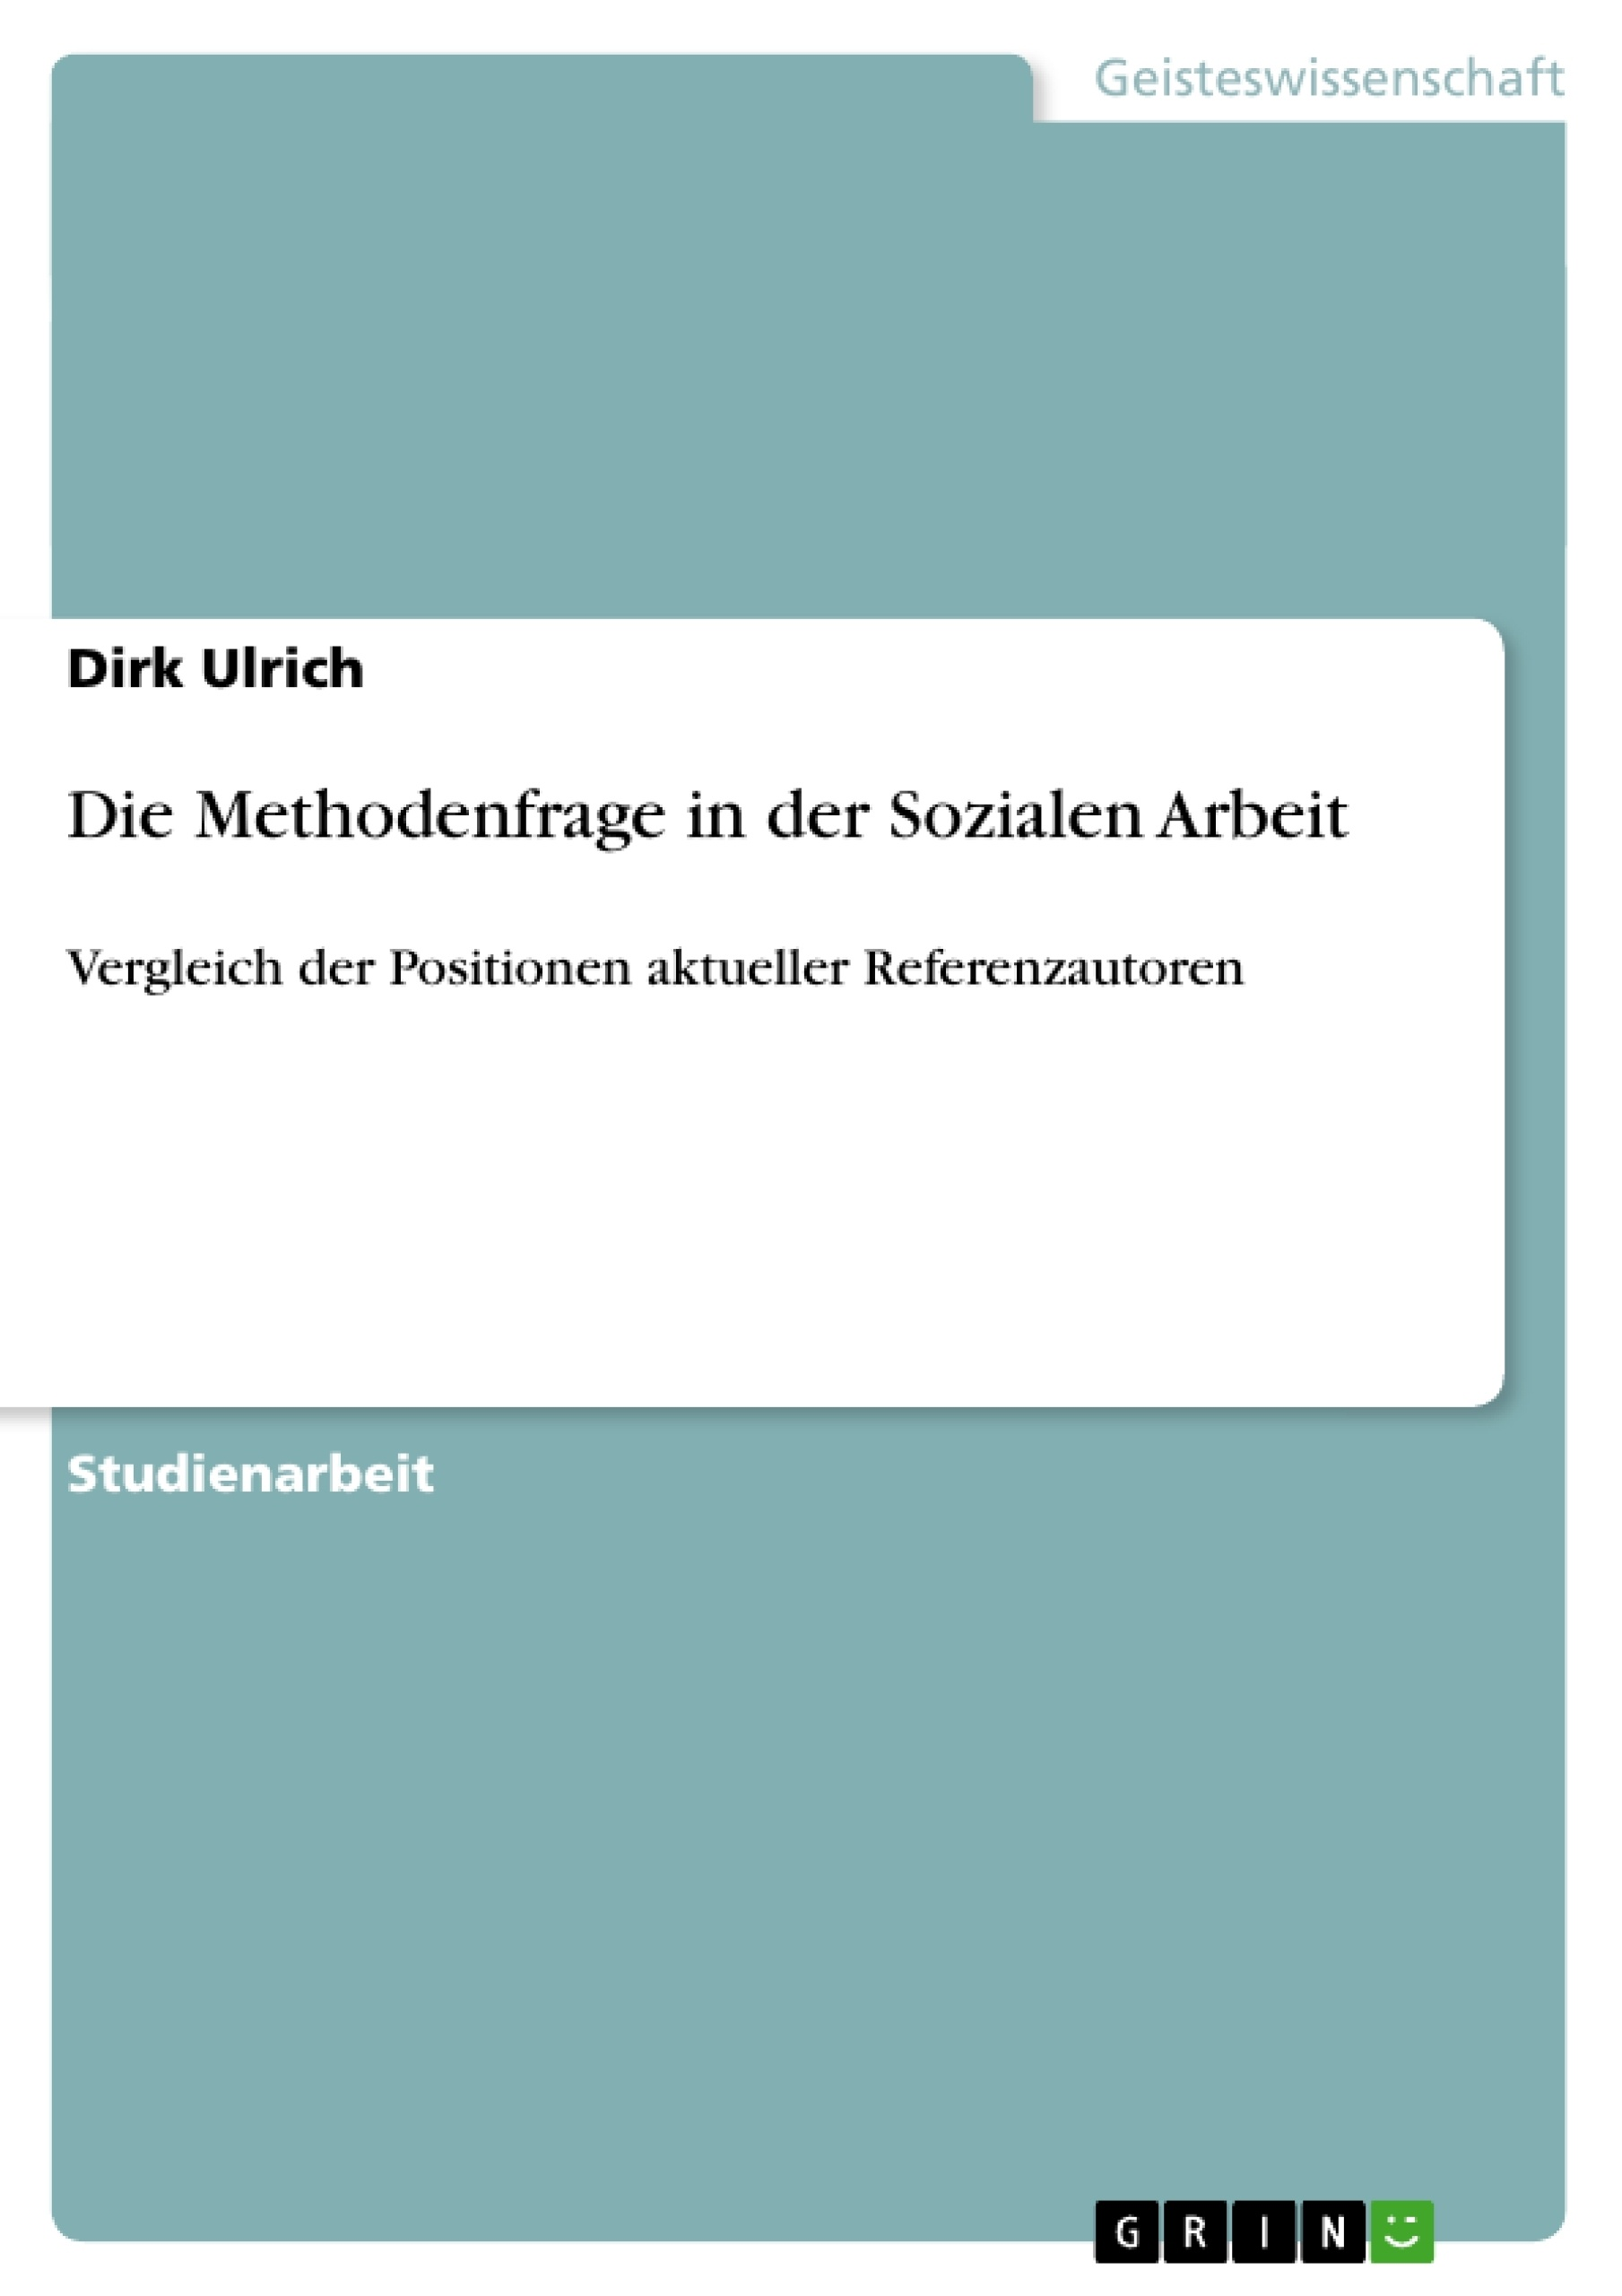 Titel: Die Methodenfrage in der Sozialen Arbeit